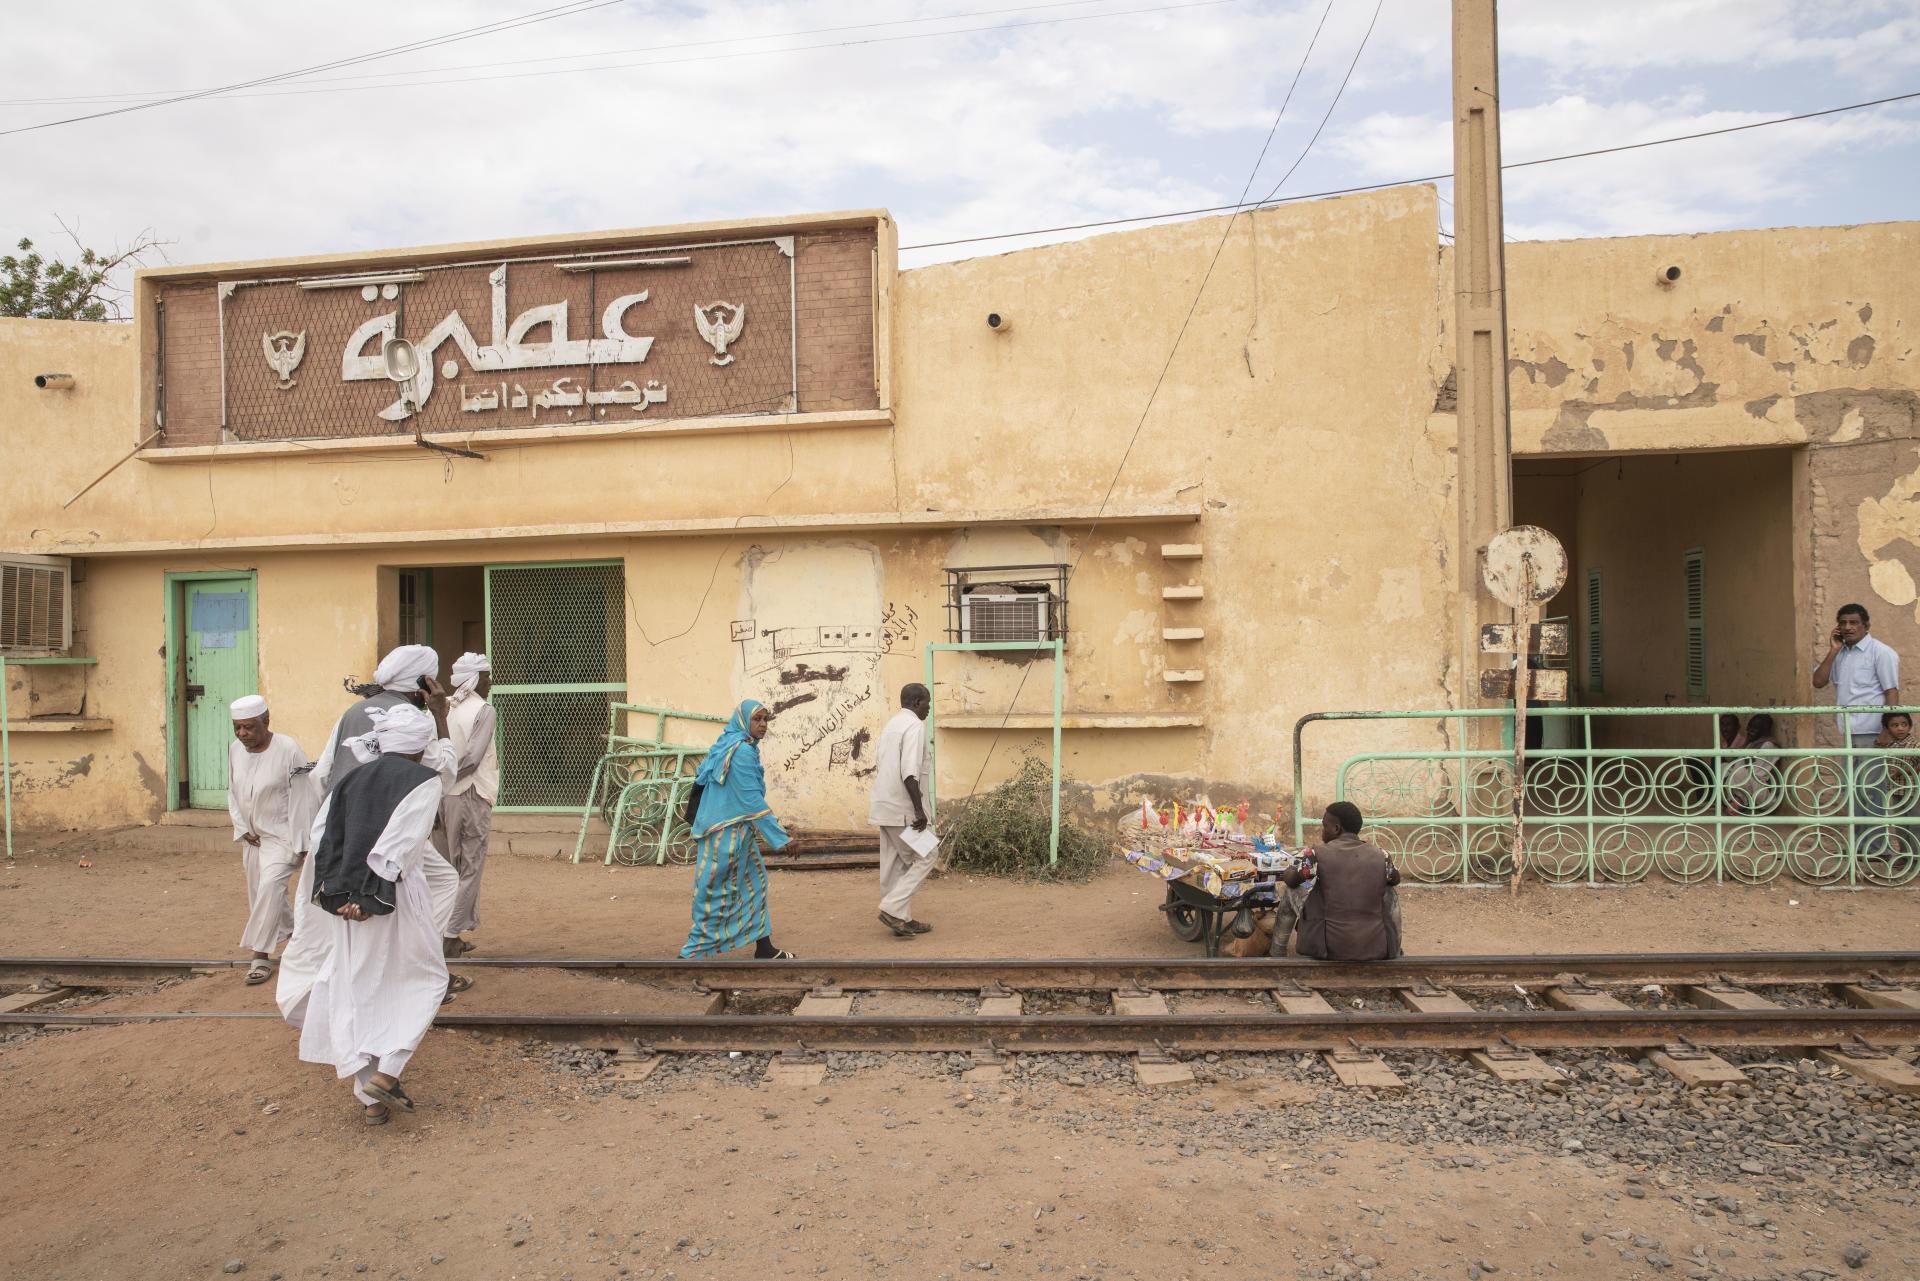 « Vous êtes toujours les bienvenus à Atbara », précise cette enseigne à l'entrée de la gare, en avril 2021.